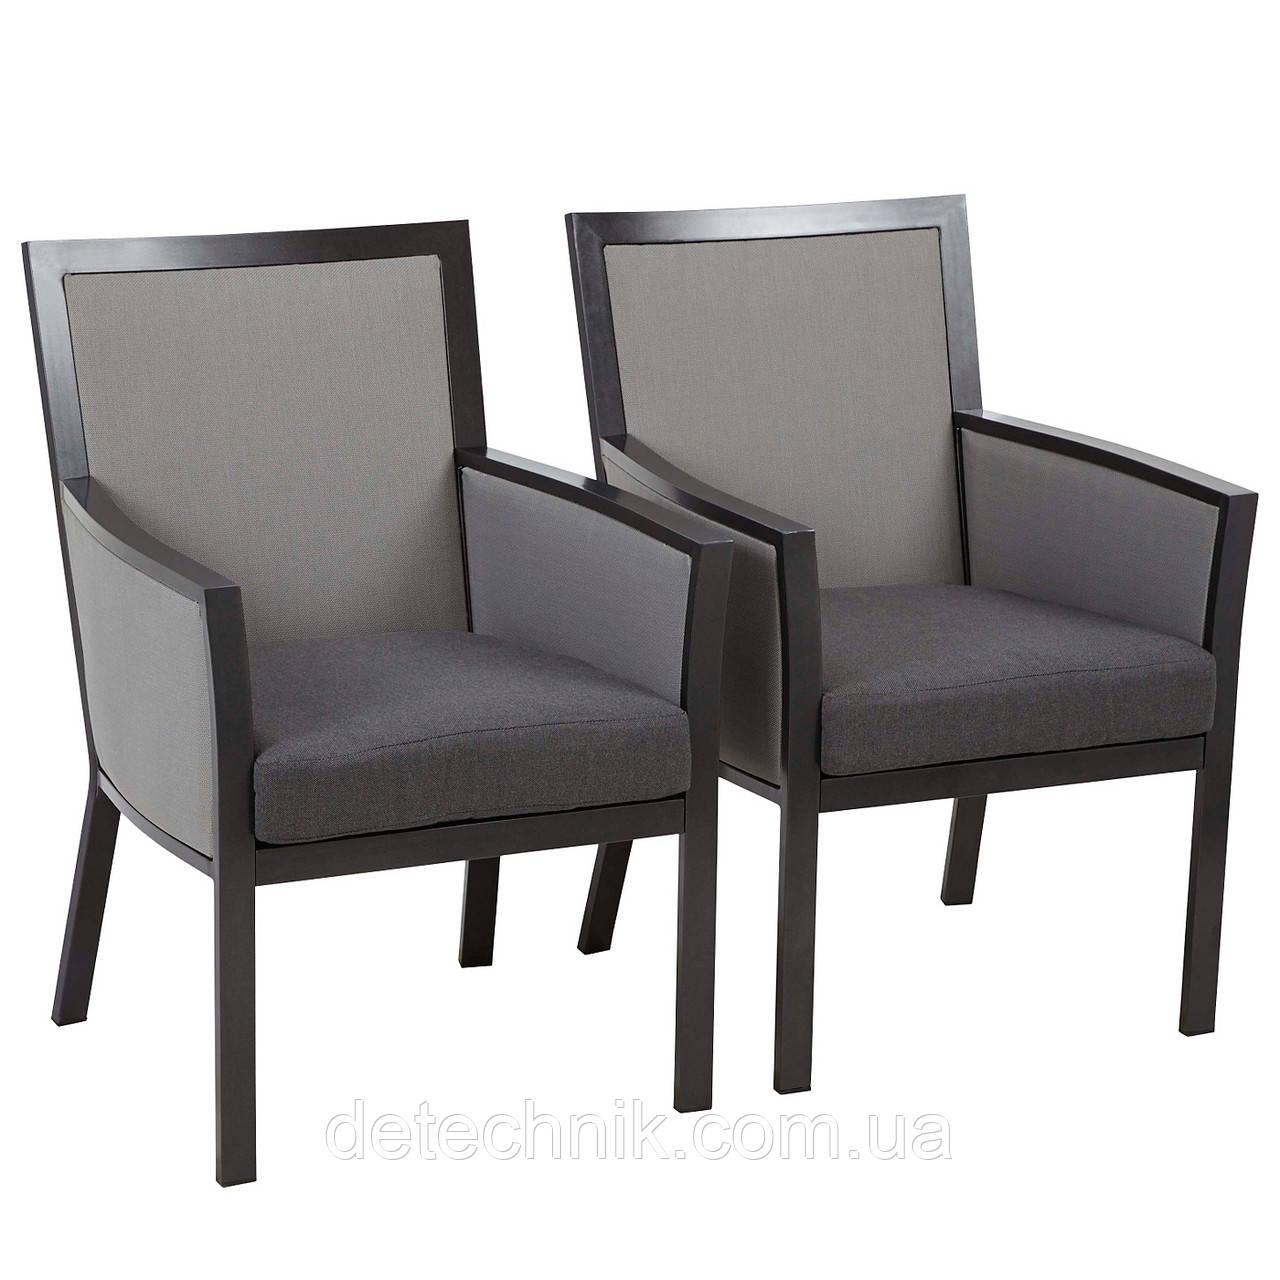 Набор стульев George Home Grace Dining Chairs in Charcoal & Grey , фото 1